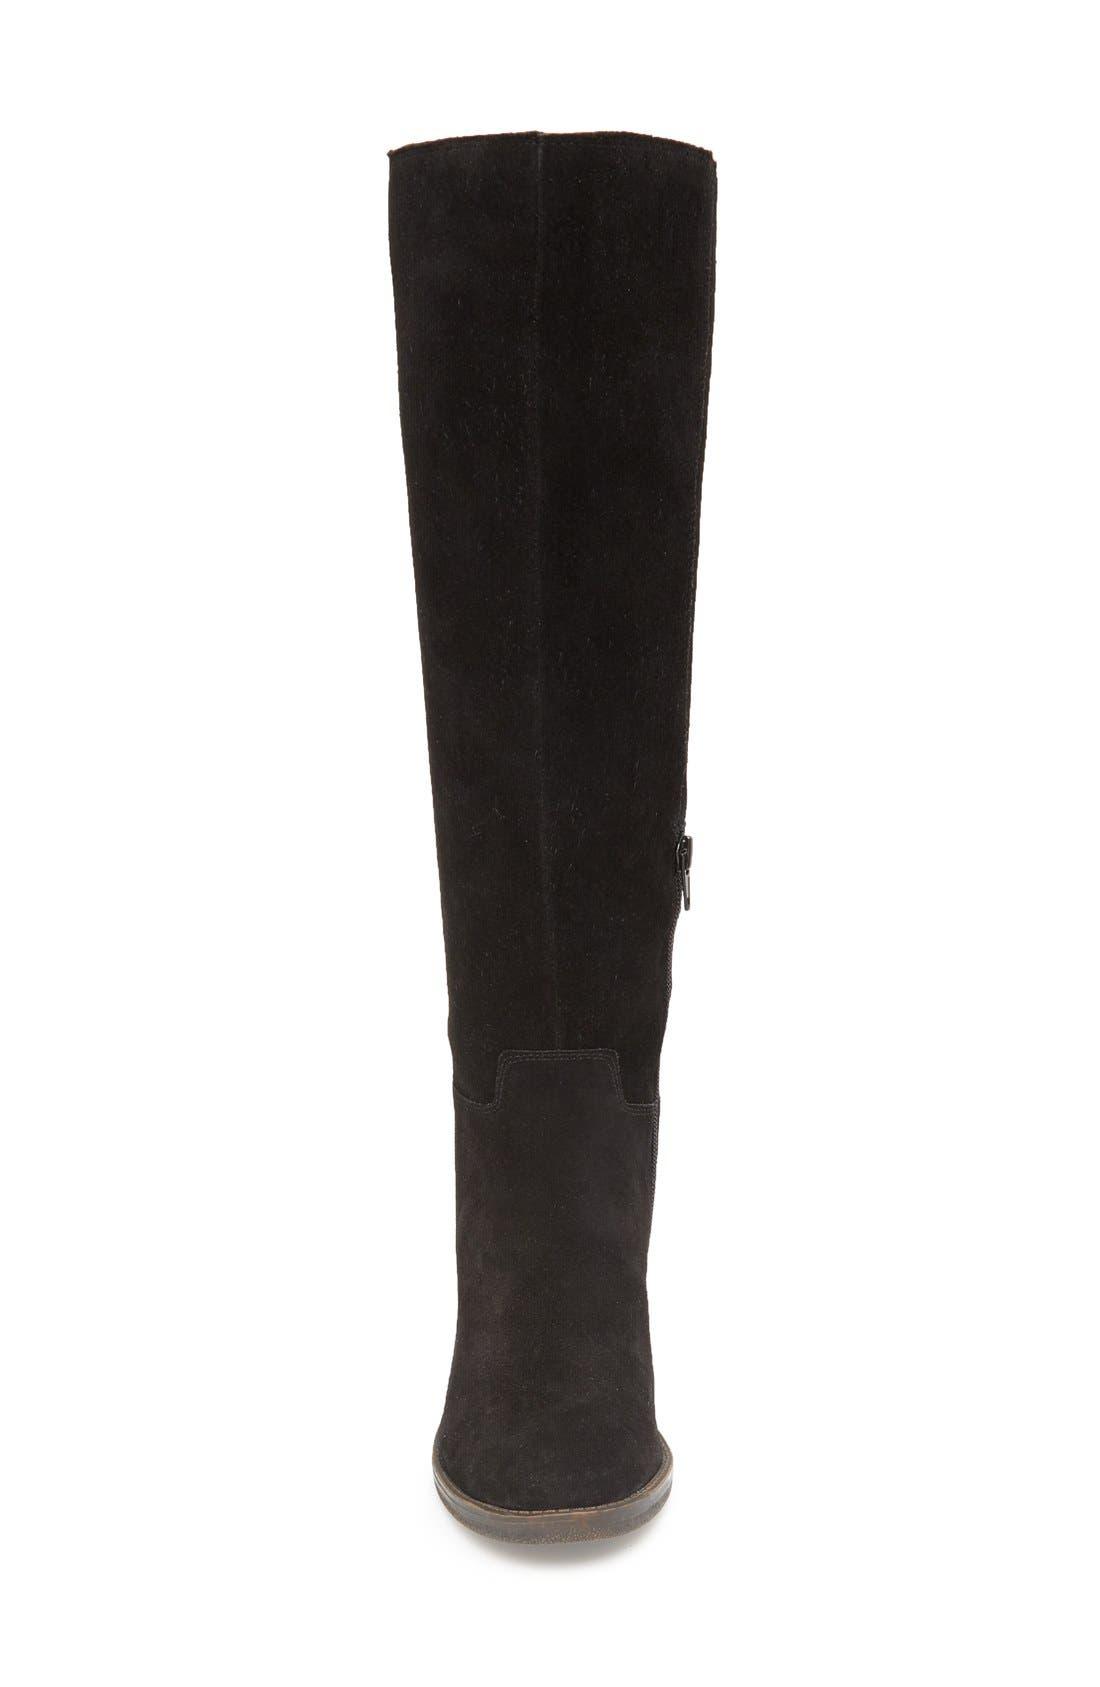 LUCKY BRAND,                             Ritten Tall Boot,                             Alternate thumbnail 3, color,                             002